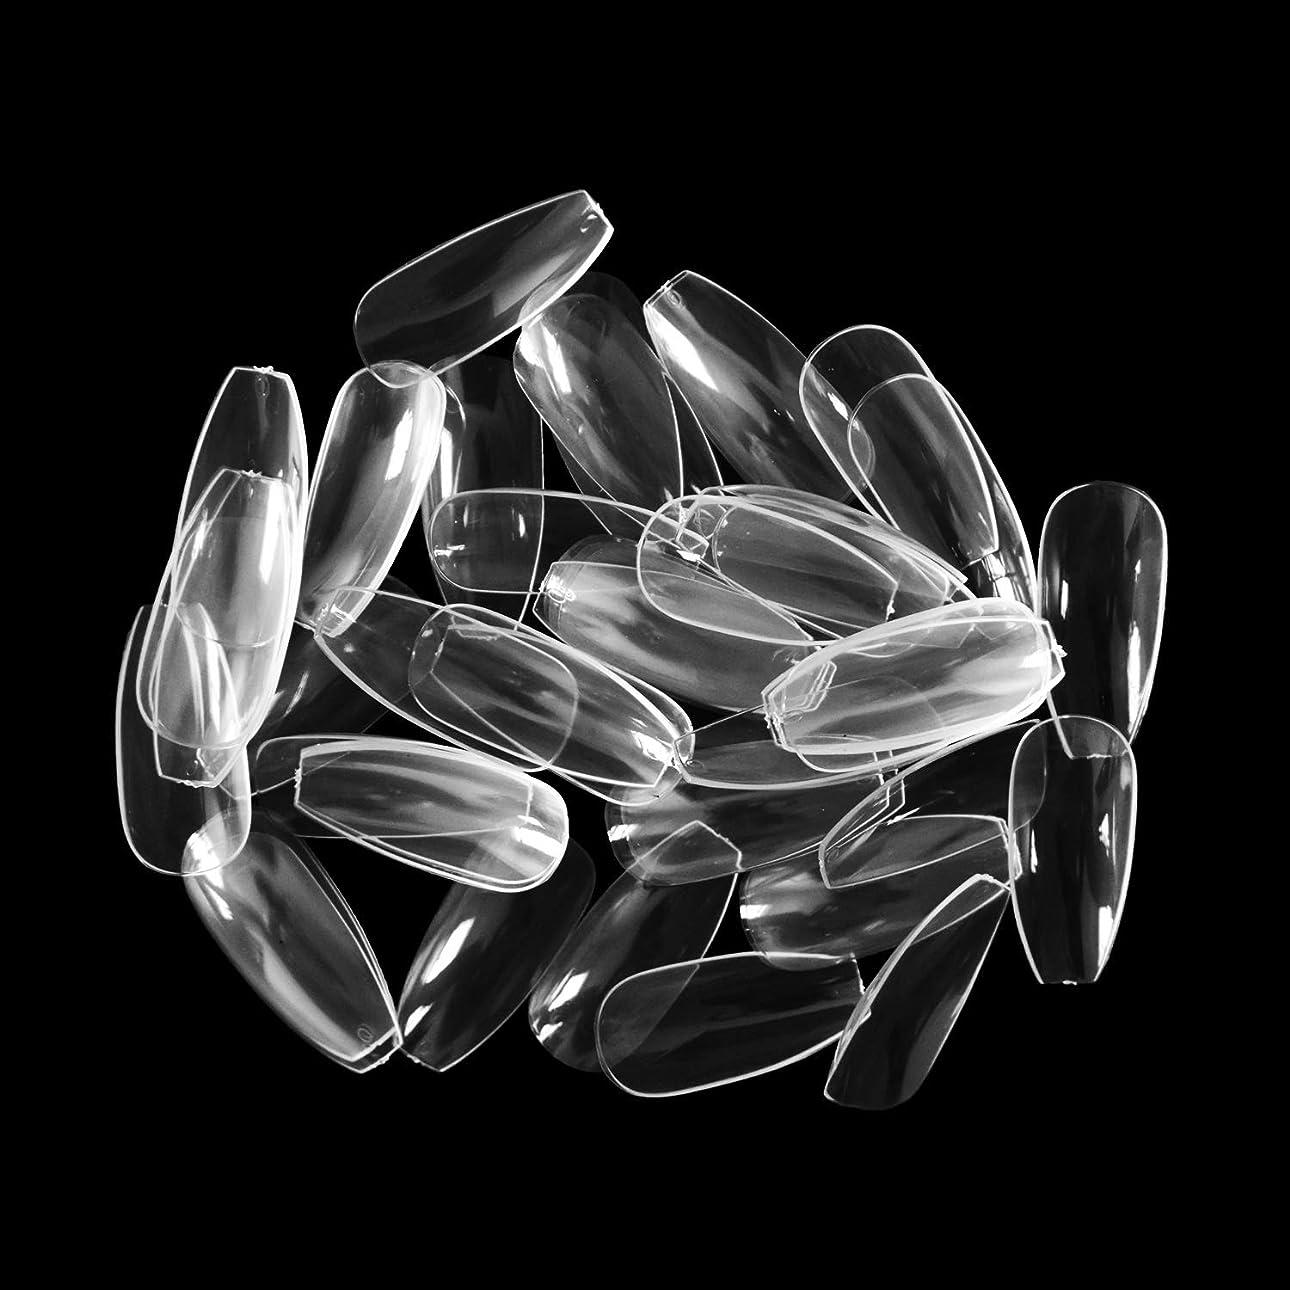 育成チチカカ湖ものネイルチップ Missct つけ爪 無地 ロング スクエア型 600枚入れ 10サイズ 爪にピッタリ 付け爪 練習用 透明 ネイル用品 デコレーション ネイルアート